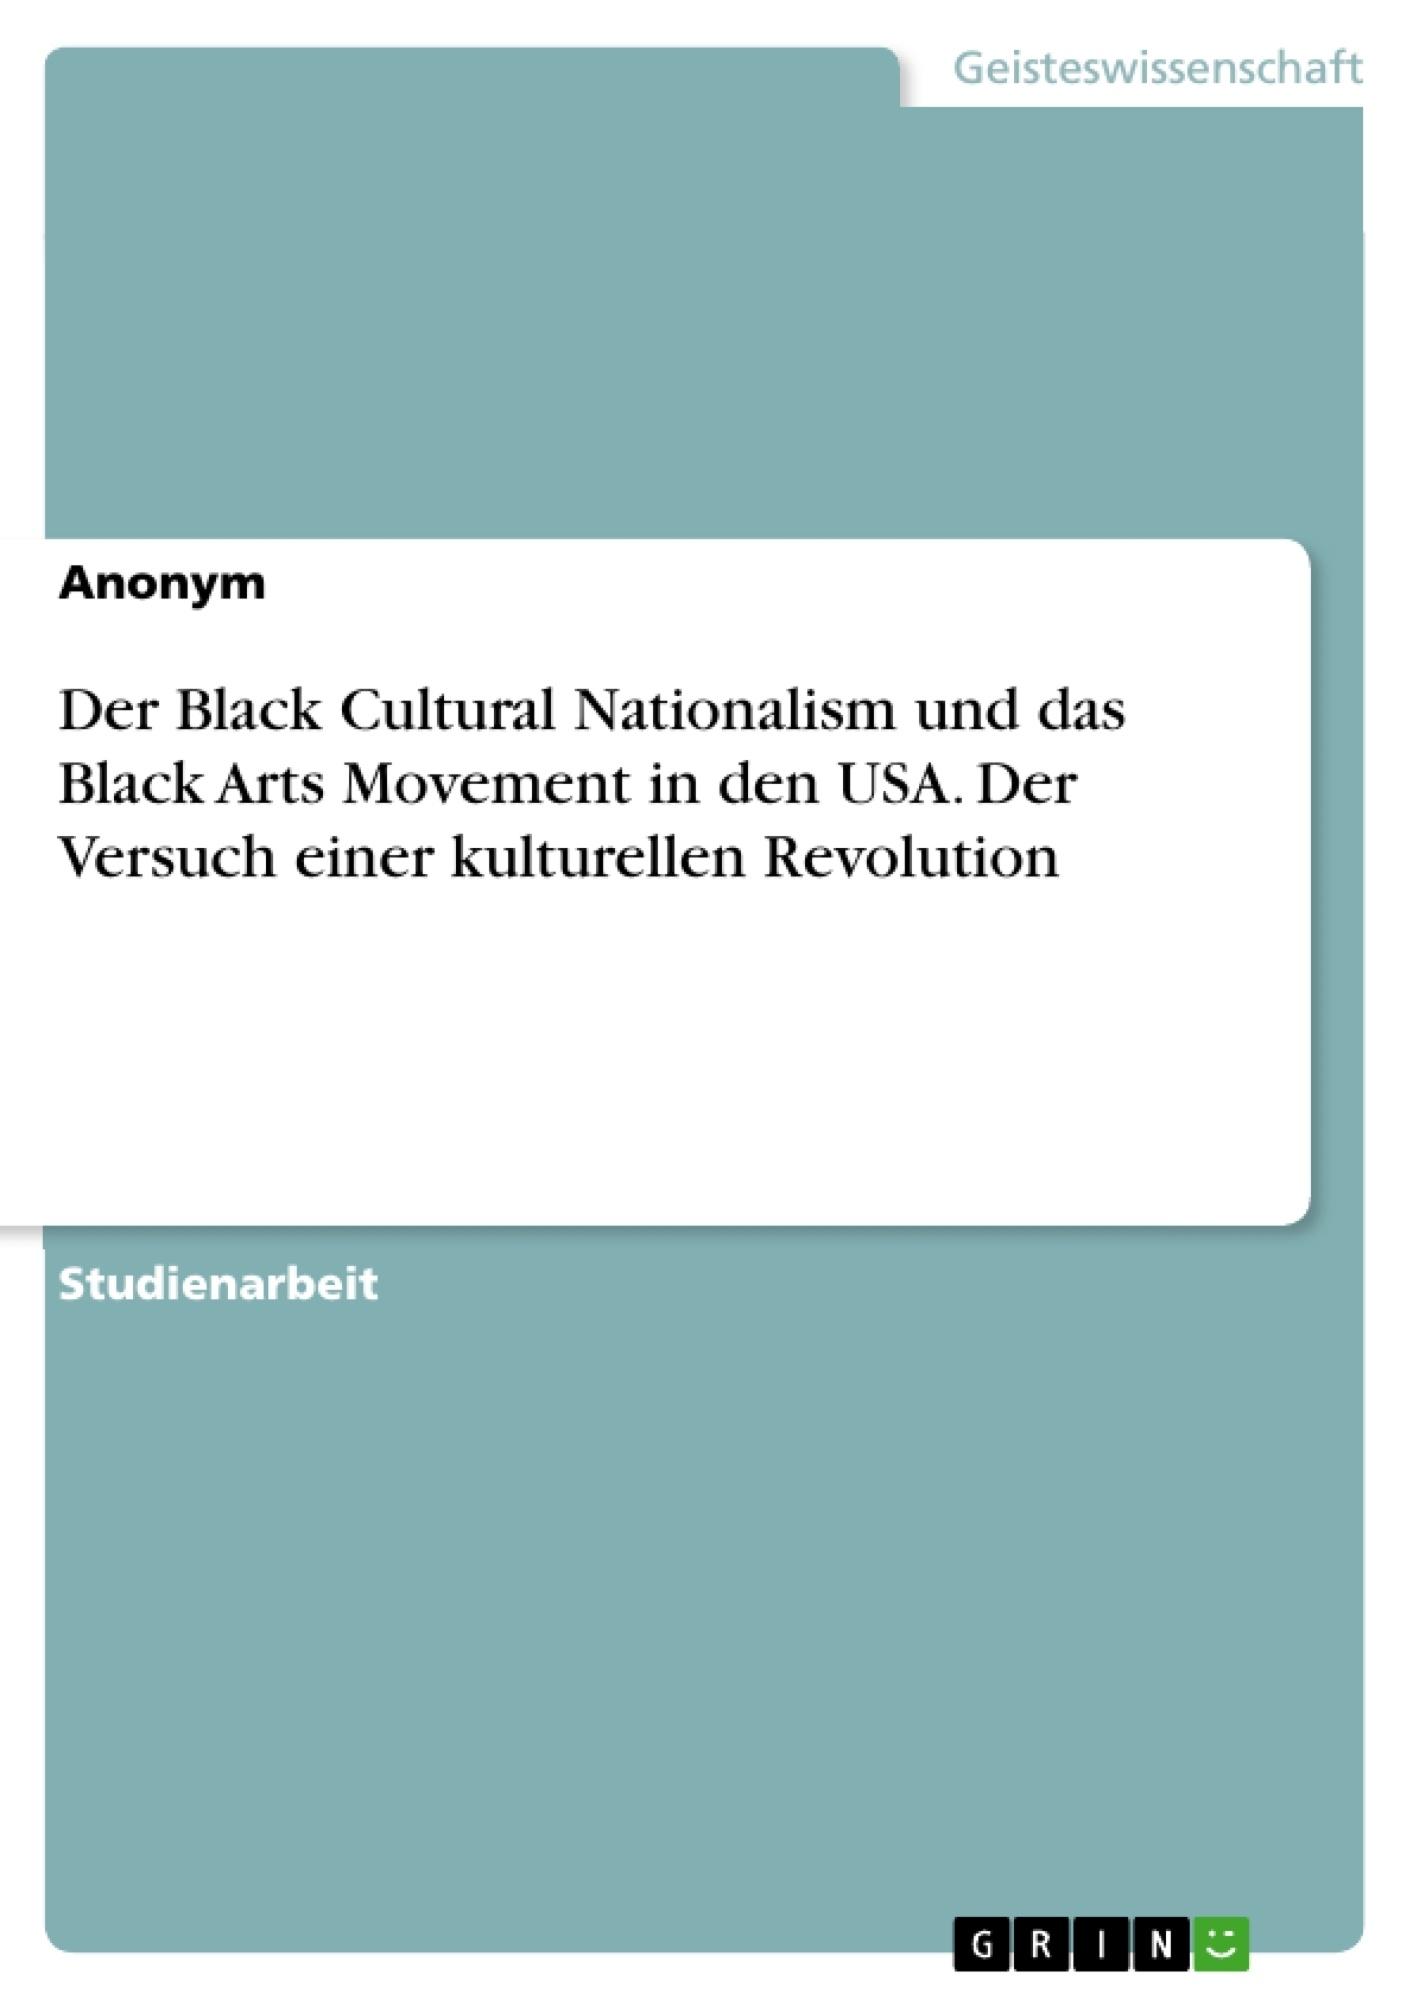 Titel: Der Black Cultural Nationalism und das Black Arts Movement in den USA. Der Versuch einer kulturellen Revolution